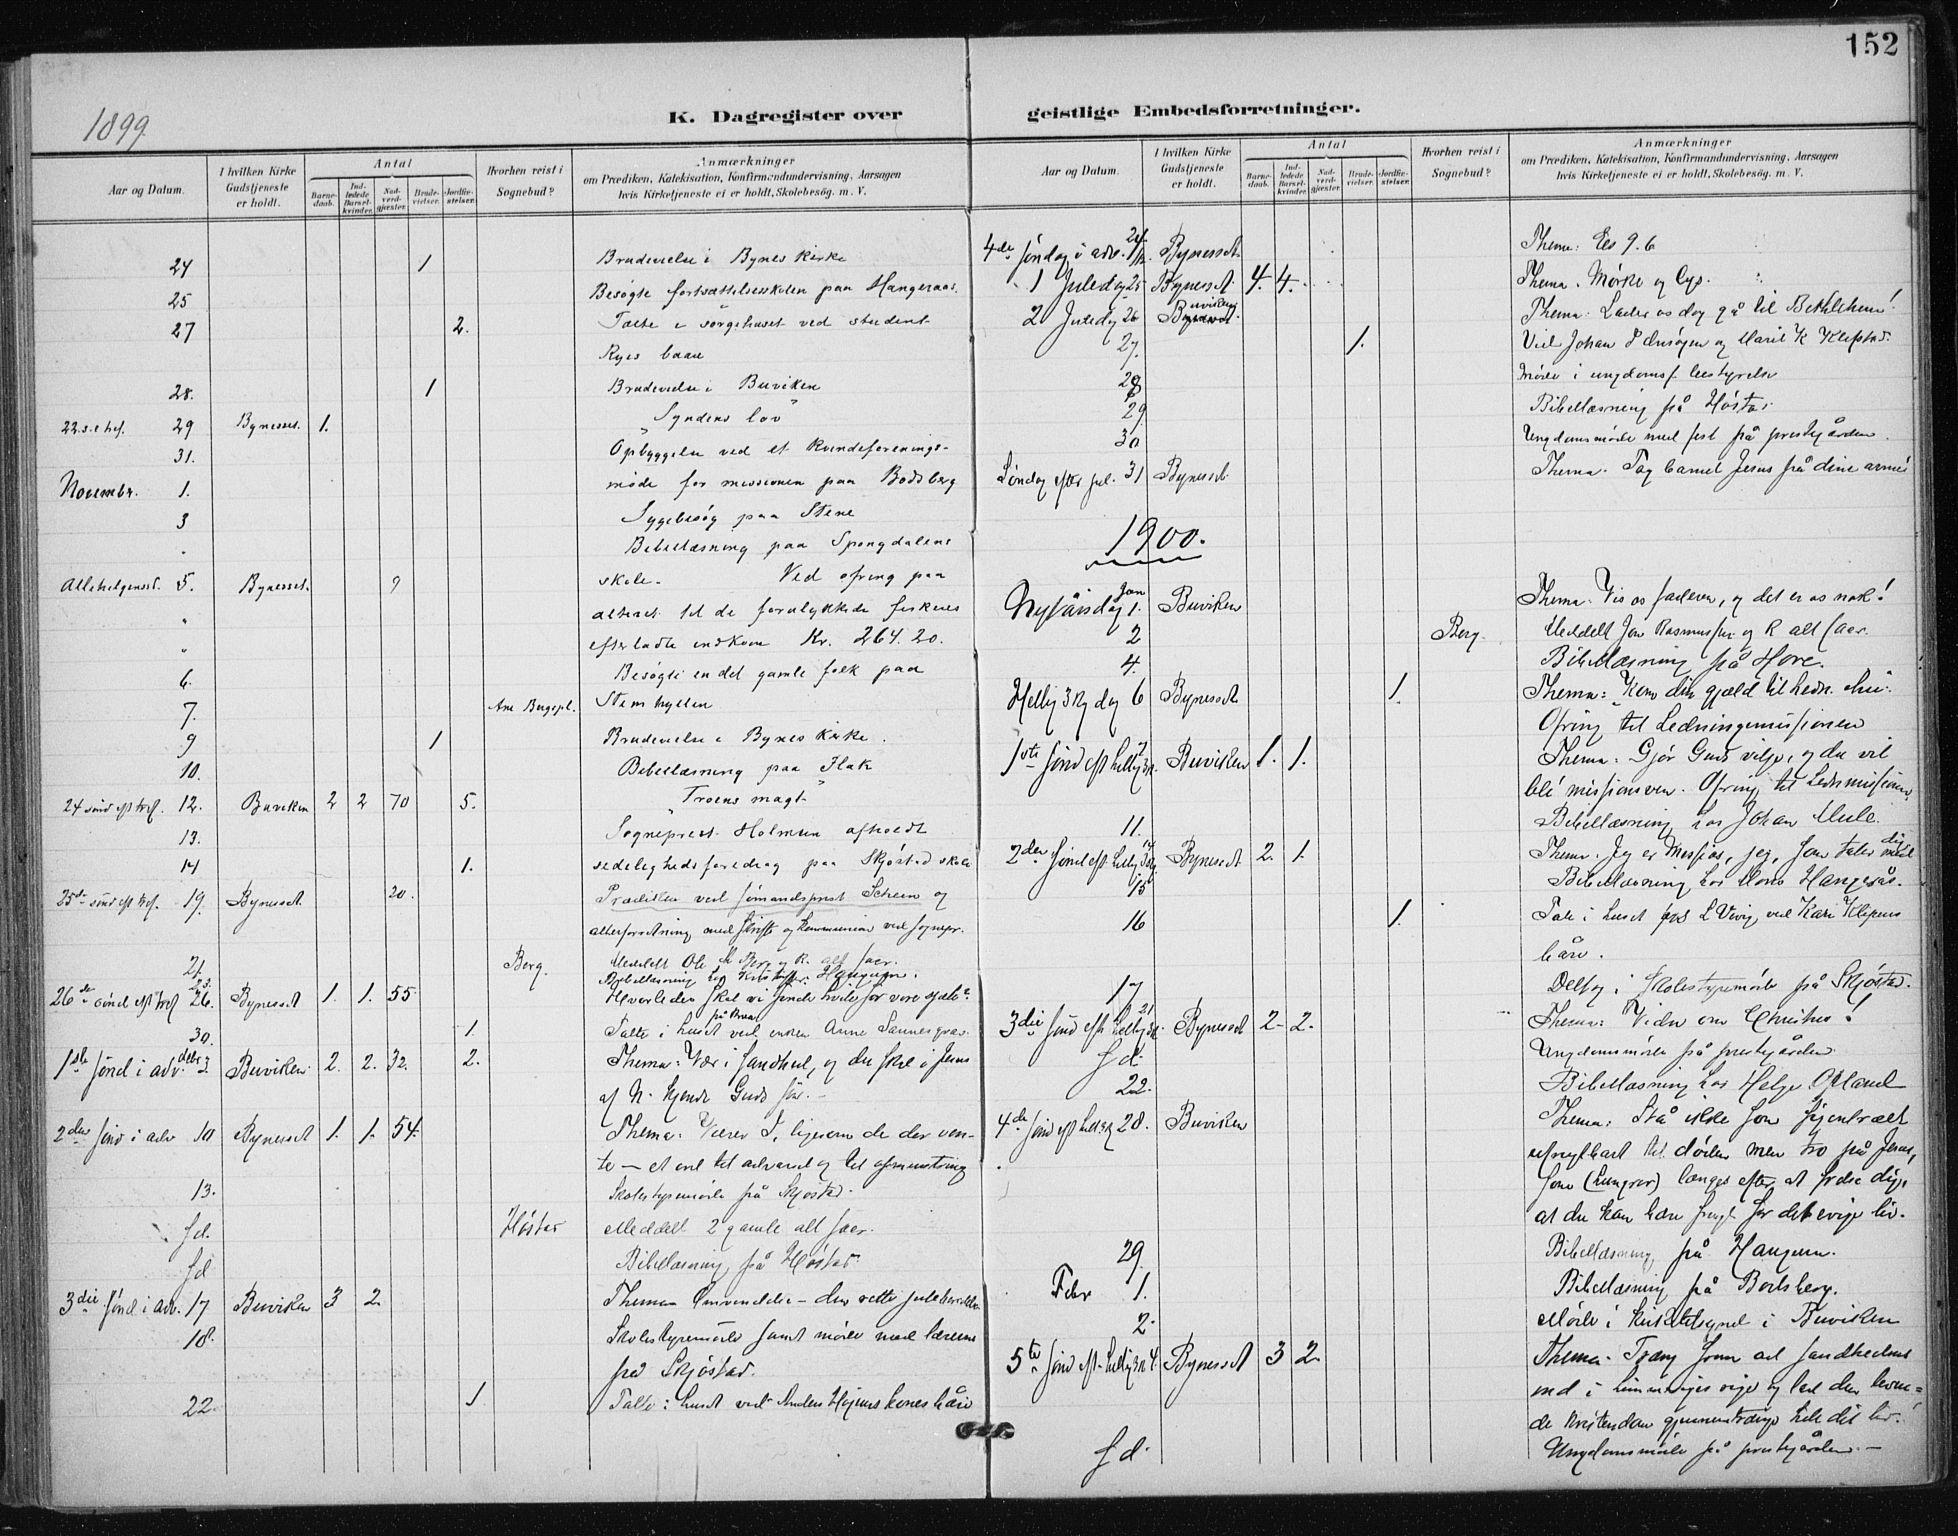 SAT, Ministerialprotokoller, klokkerbøker og fødselsregistre - Sør-Trøndelag, 612/L0380: Ministerialbok nr. 612A12, 1898-1907, s. 152